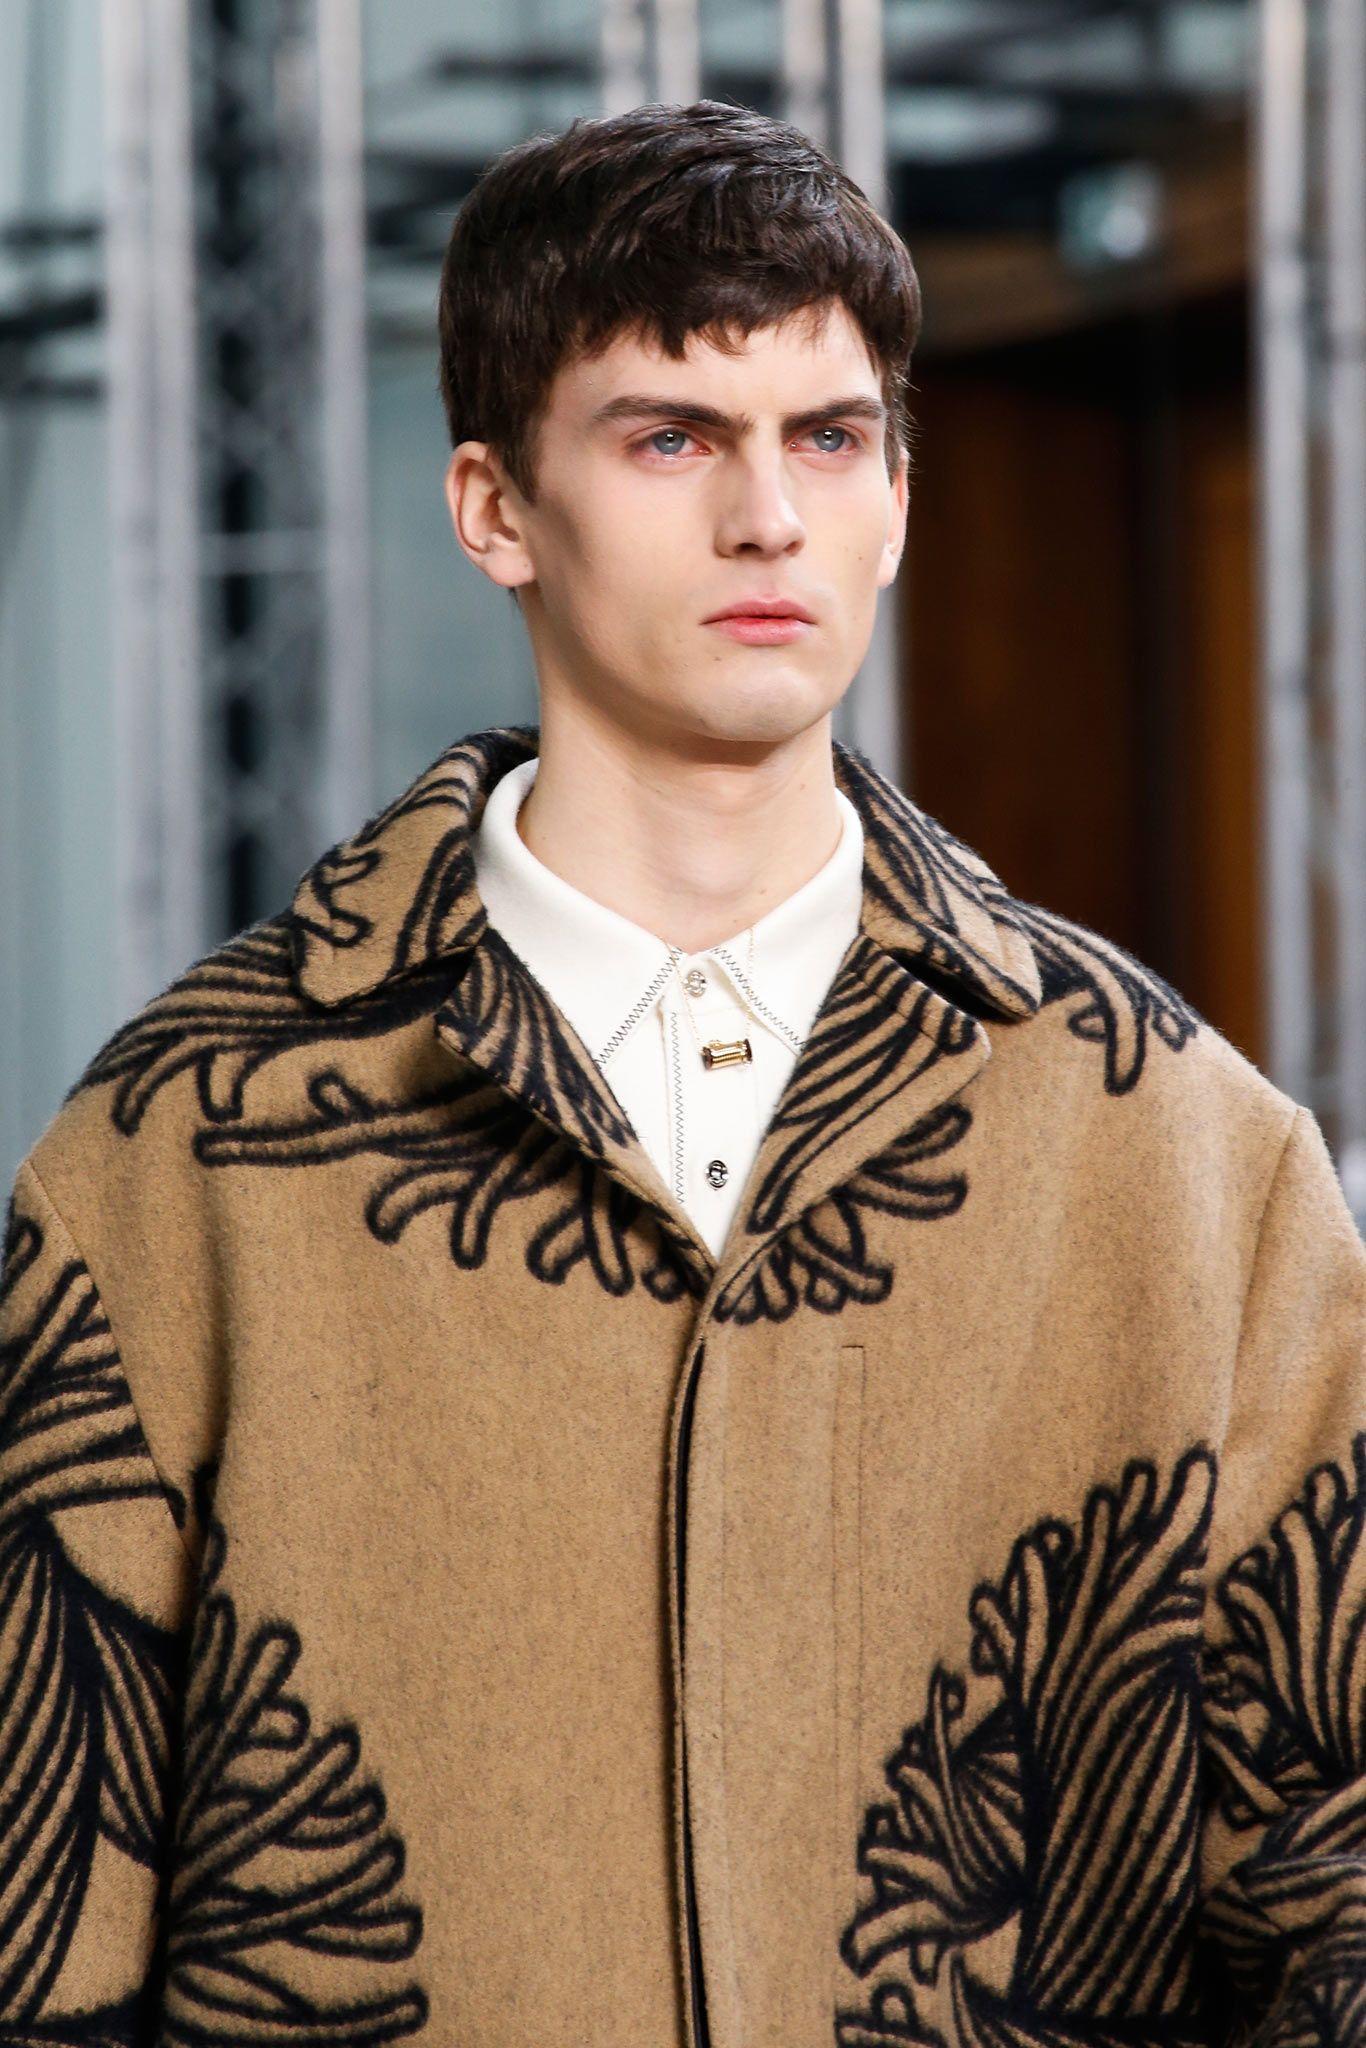 Louis Vuitton - Fall 2015 Menswear - Look 2 of 77